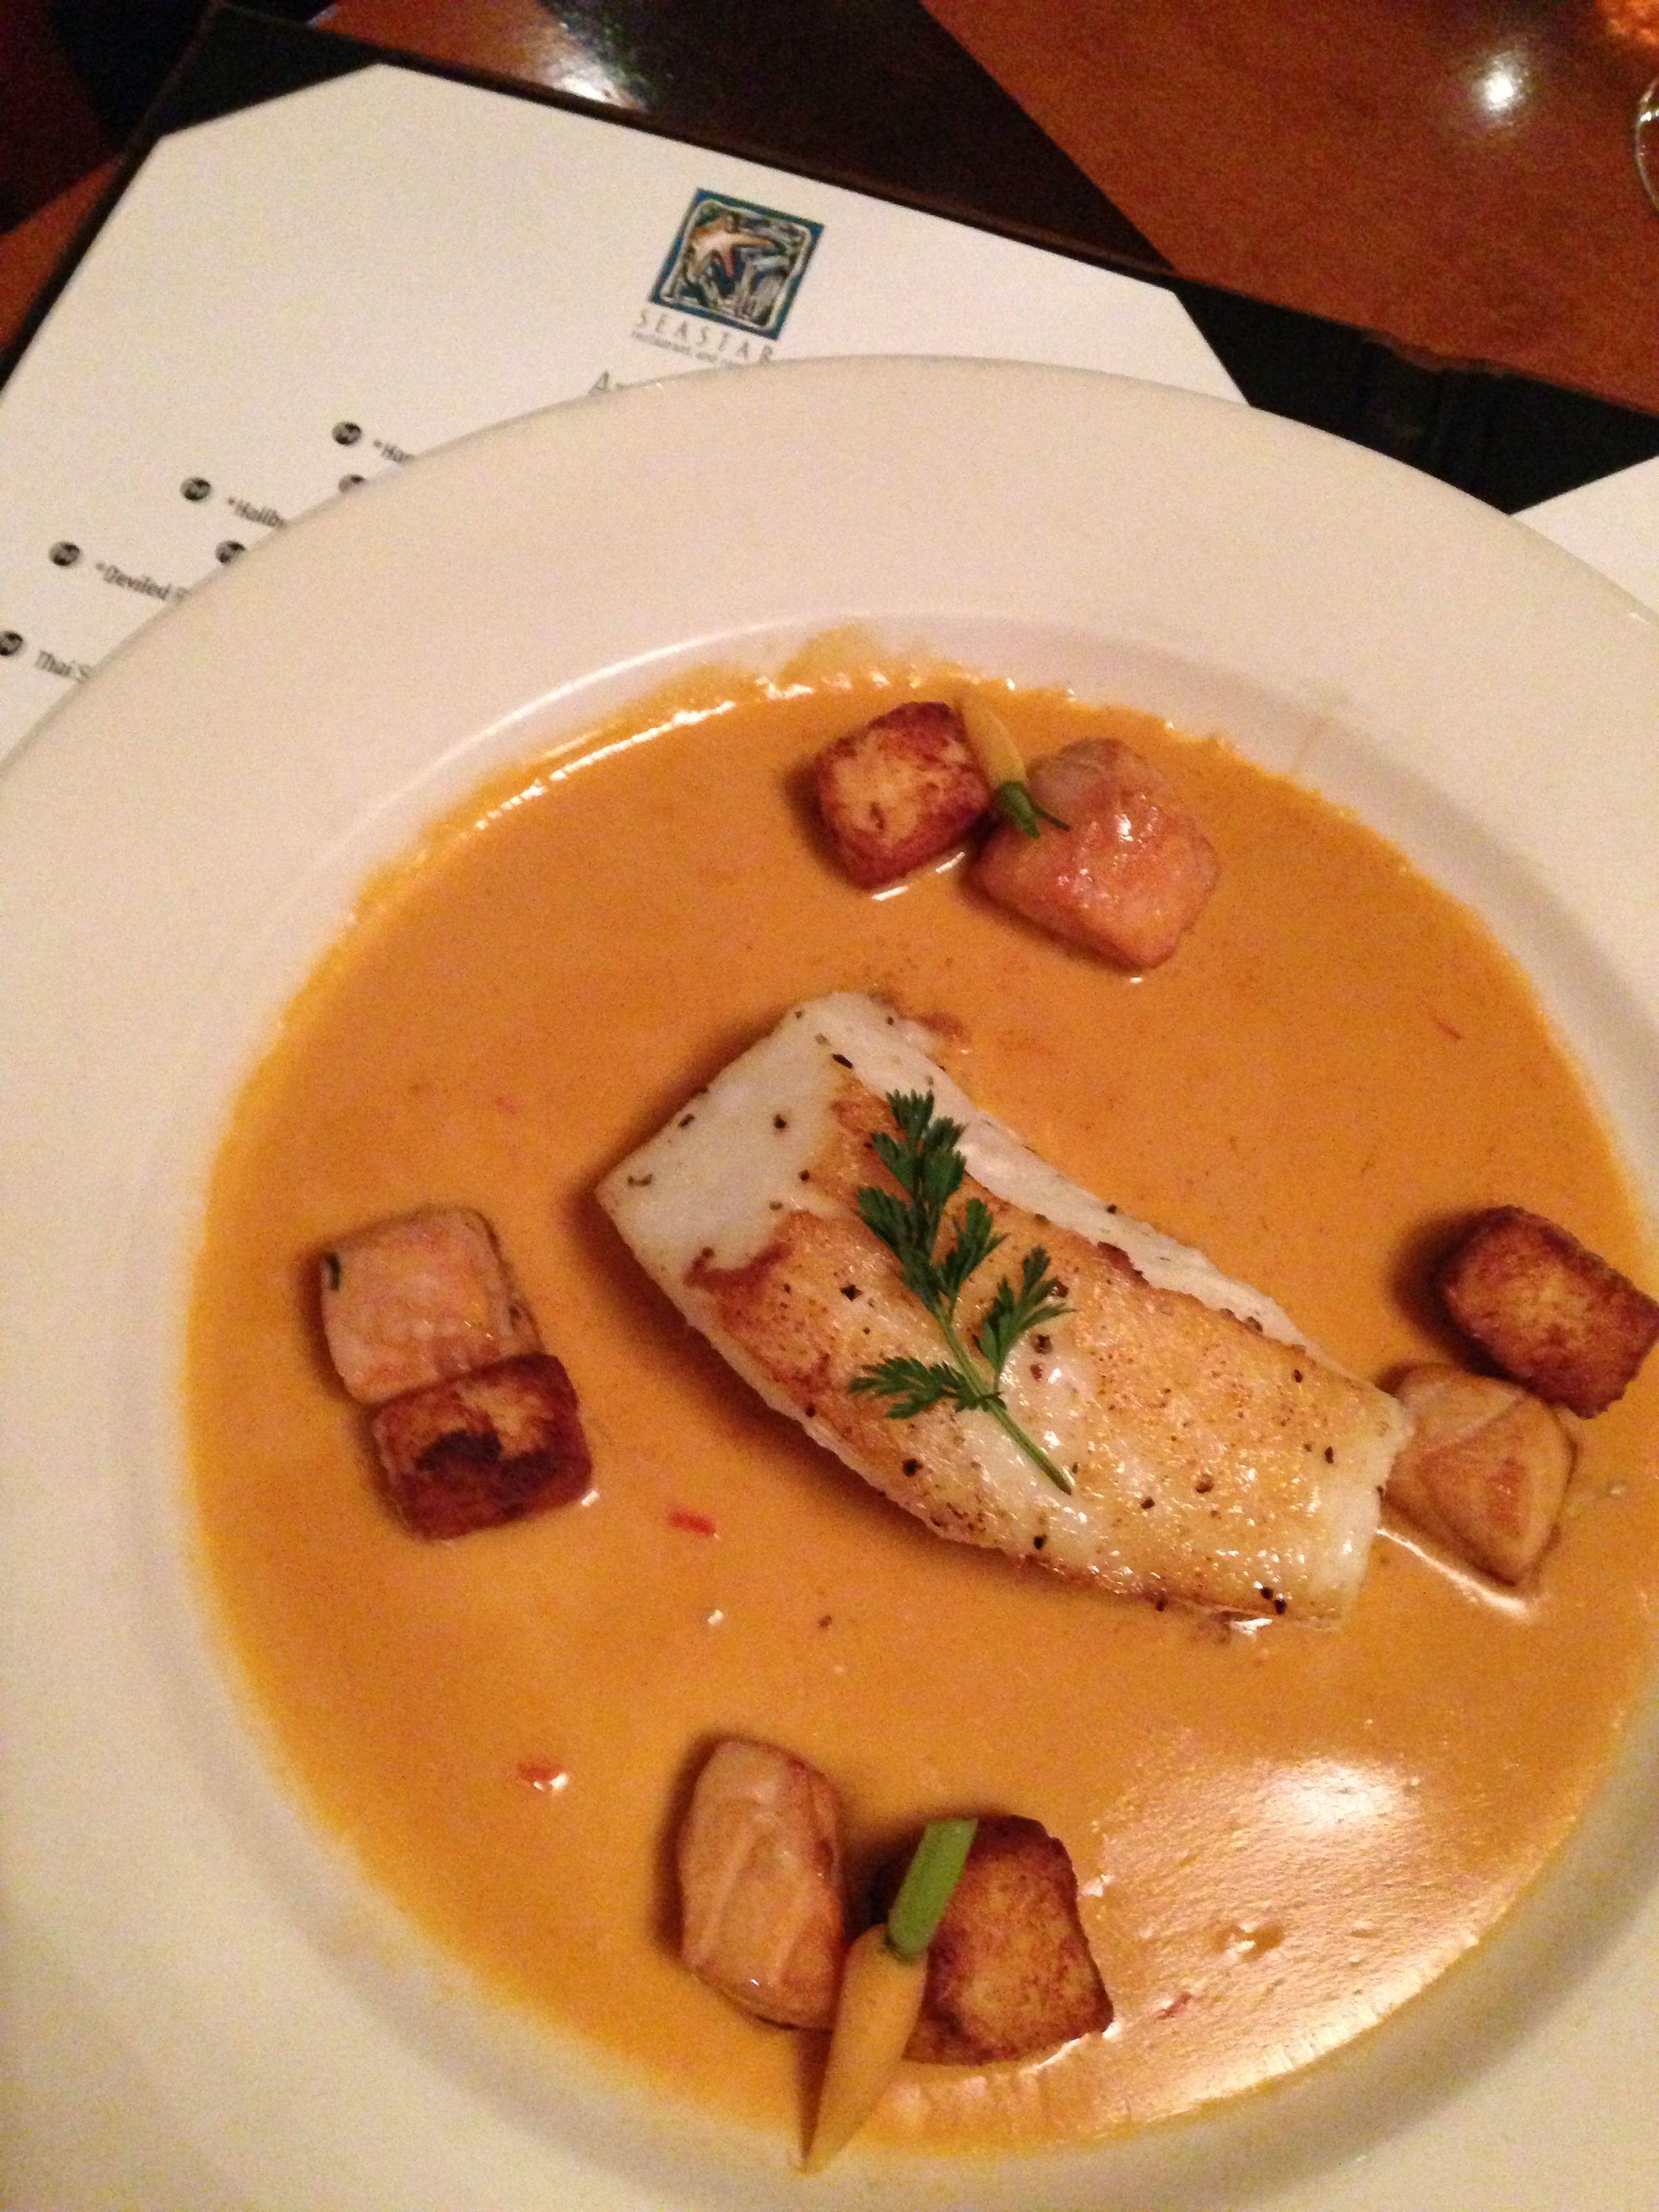 Chilean Sea B And Lobster Bisque At Star Restaurant Seattle Or Bellevue Gluten Free Menu